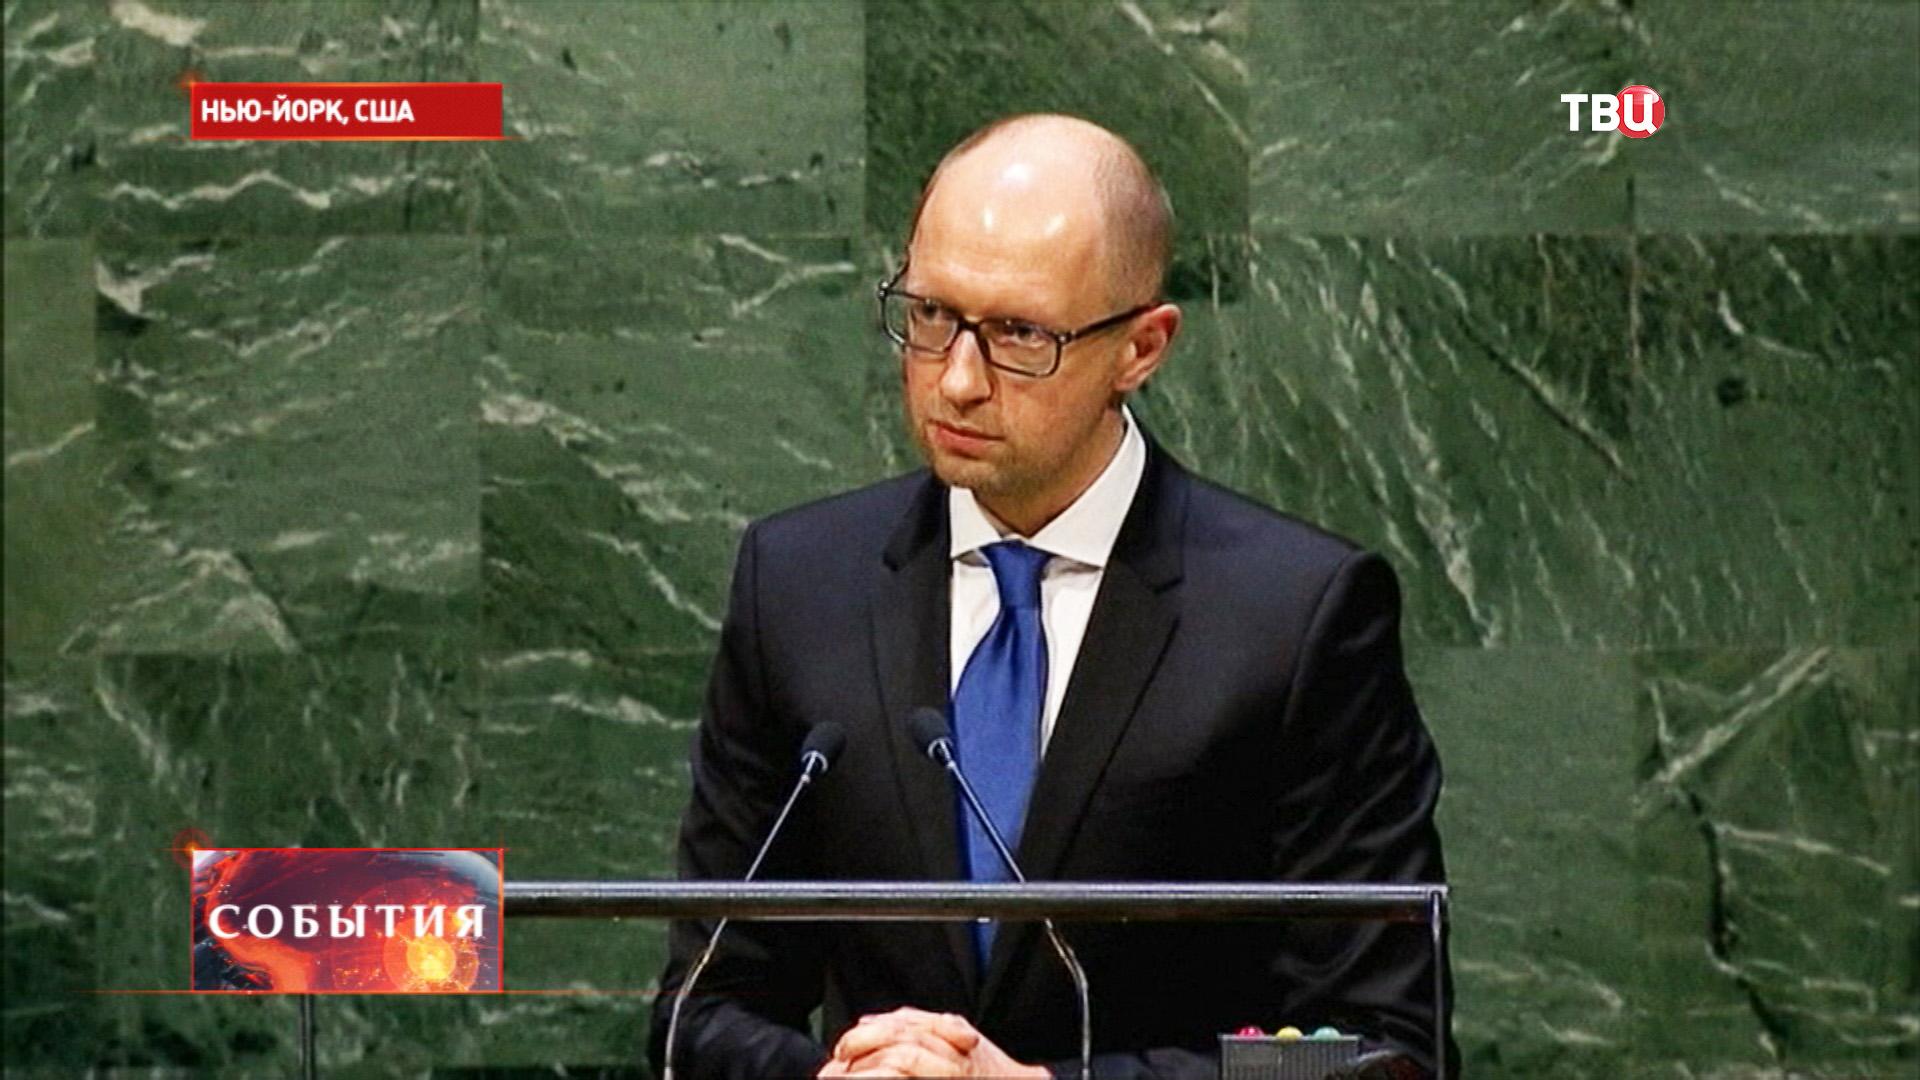 Премьер-министр Украины Арсений Яценюк во время выступления на заседании ООН